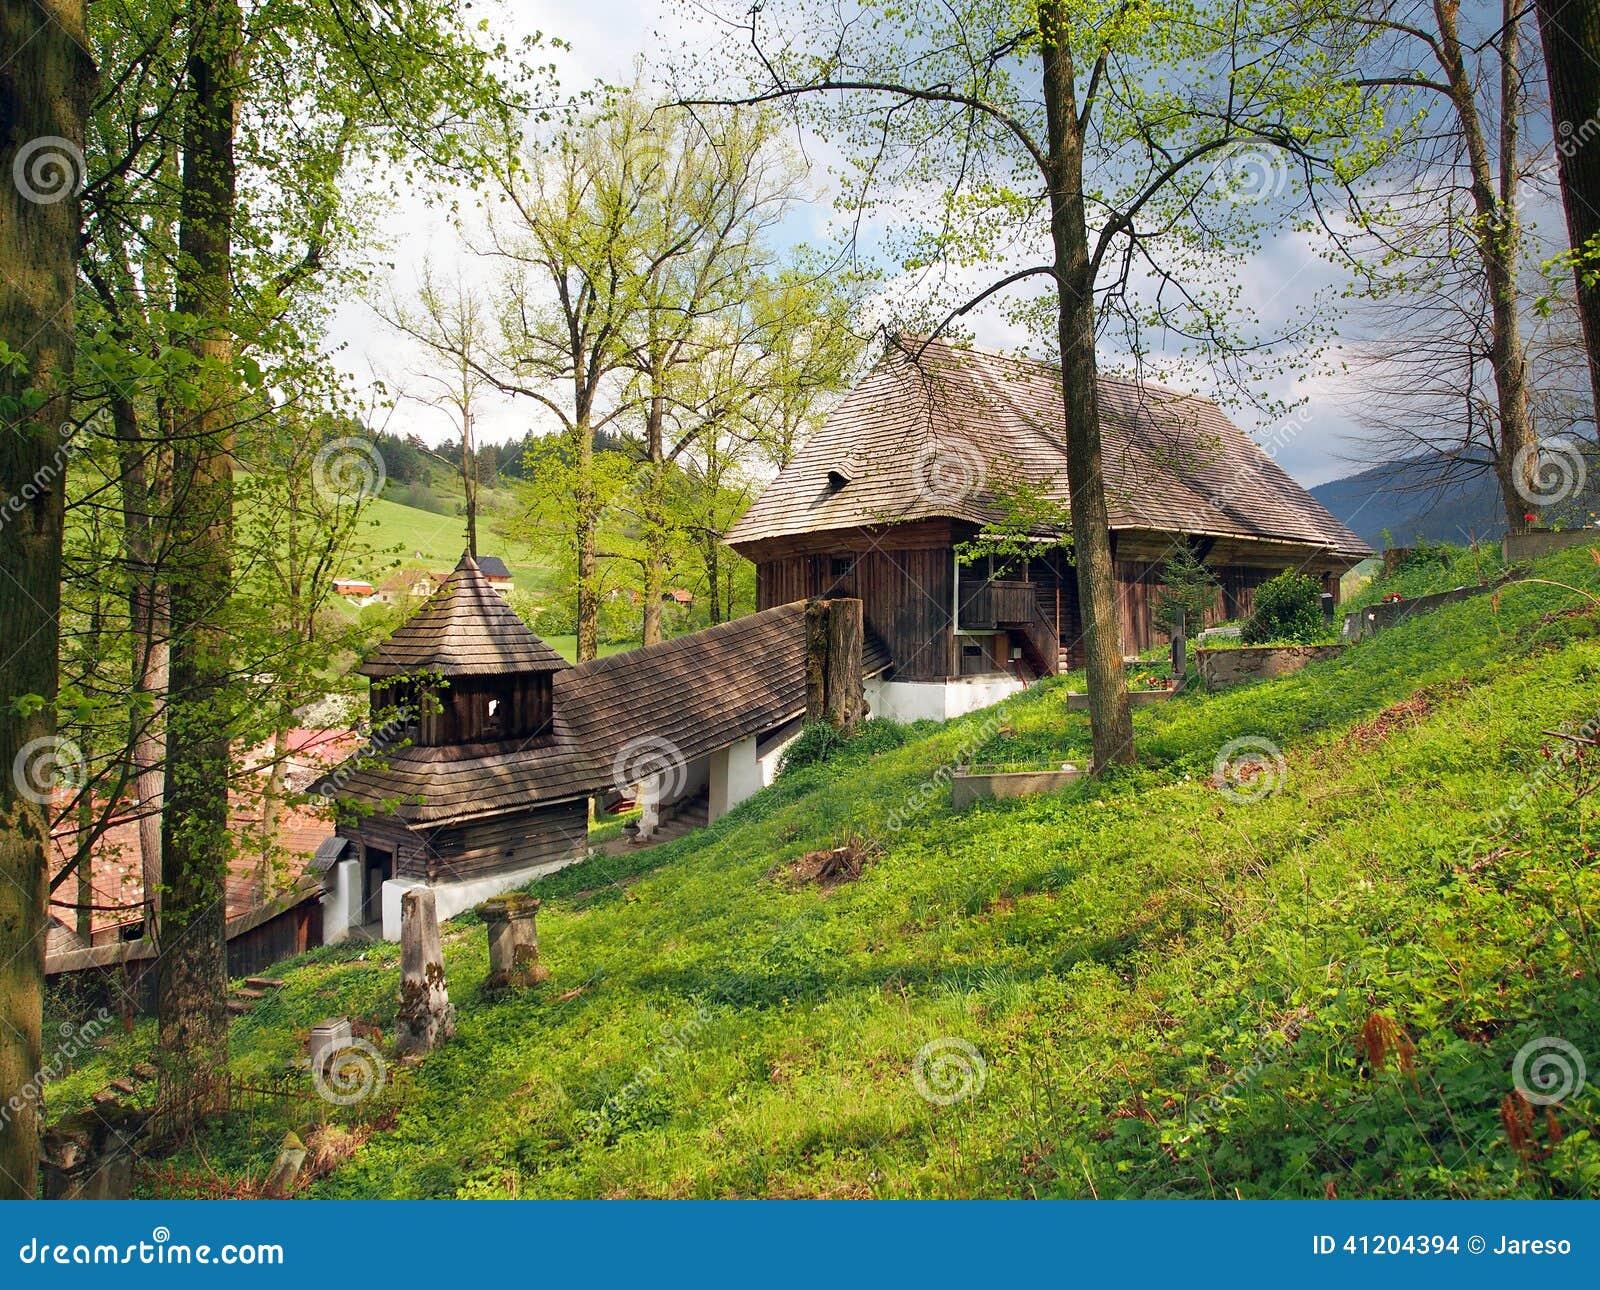 Wooden UNESCO church in Lestiny, Slovakia